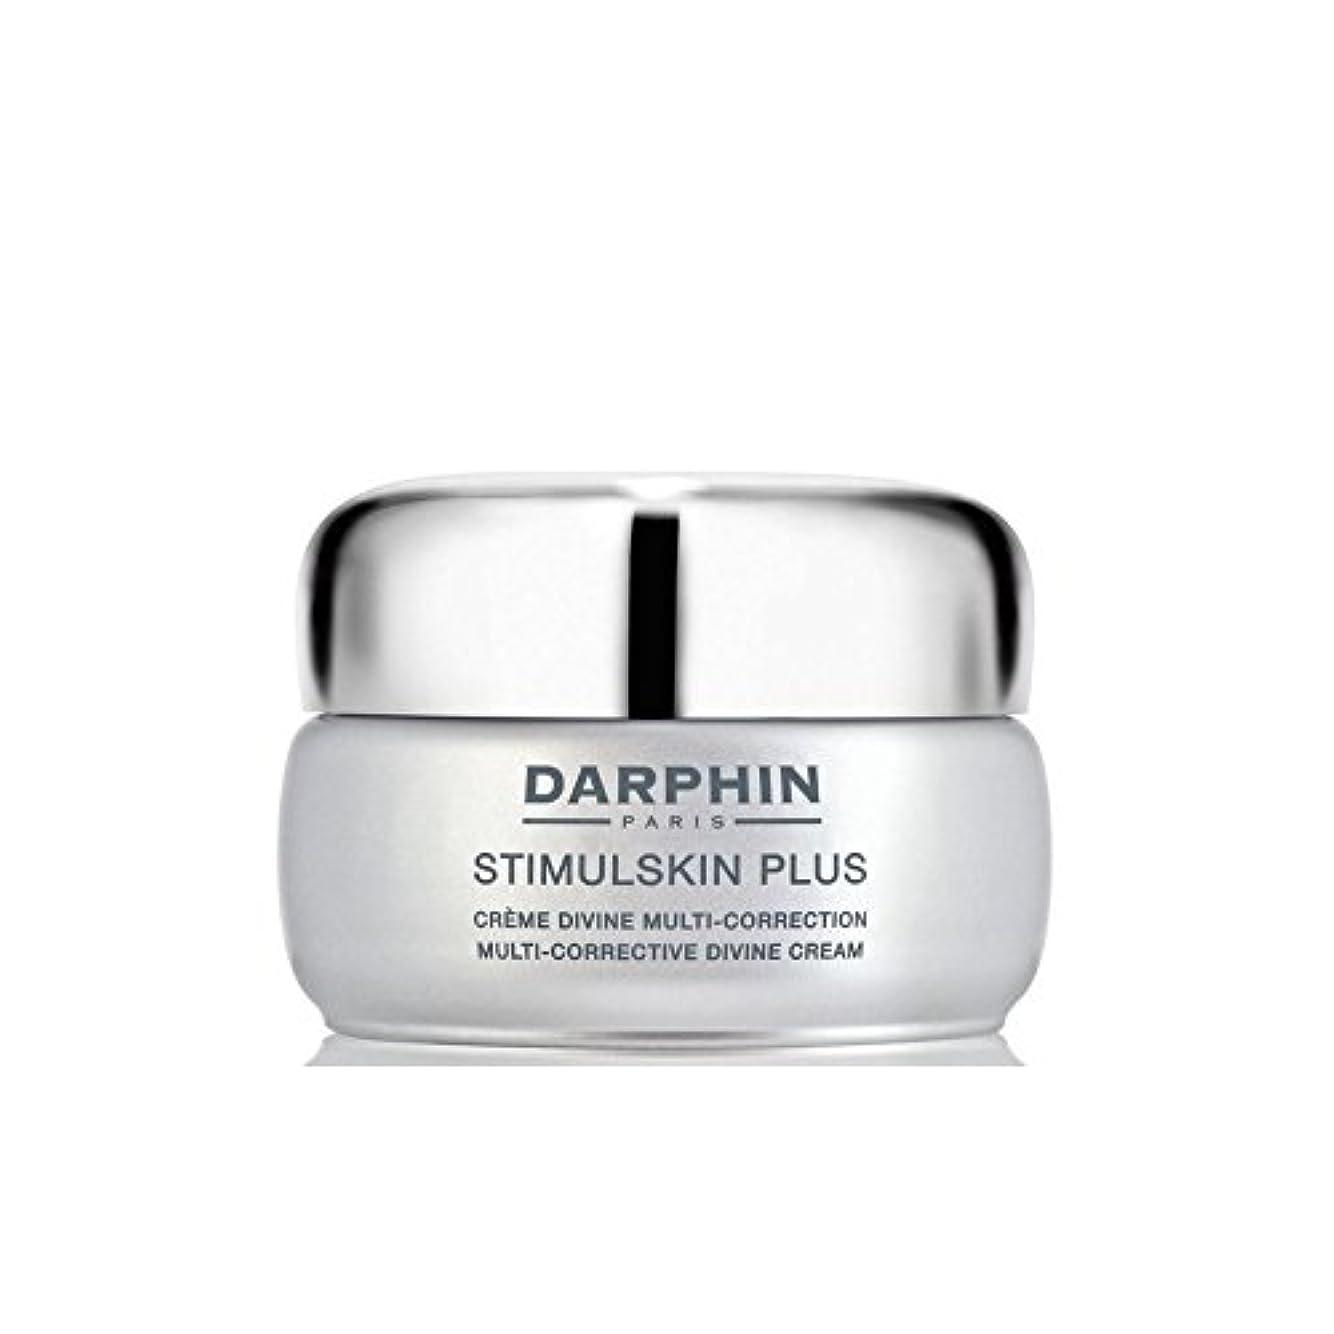 率直な小屋振り返るDarphin Stimulskin Plus Multi-Corrective Divine Cream - Rich (Pack of 6) - ダルファンスティプラスマルチ是正神クリーム - 豊富 x6 [並行輸入品]